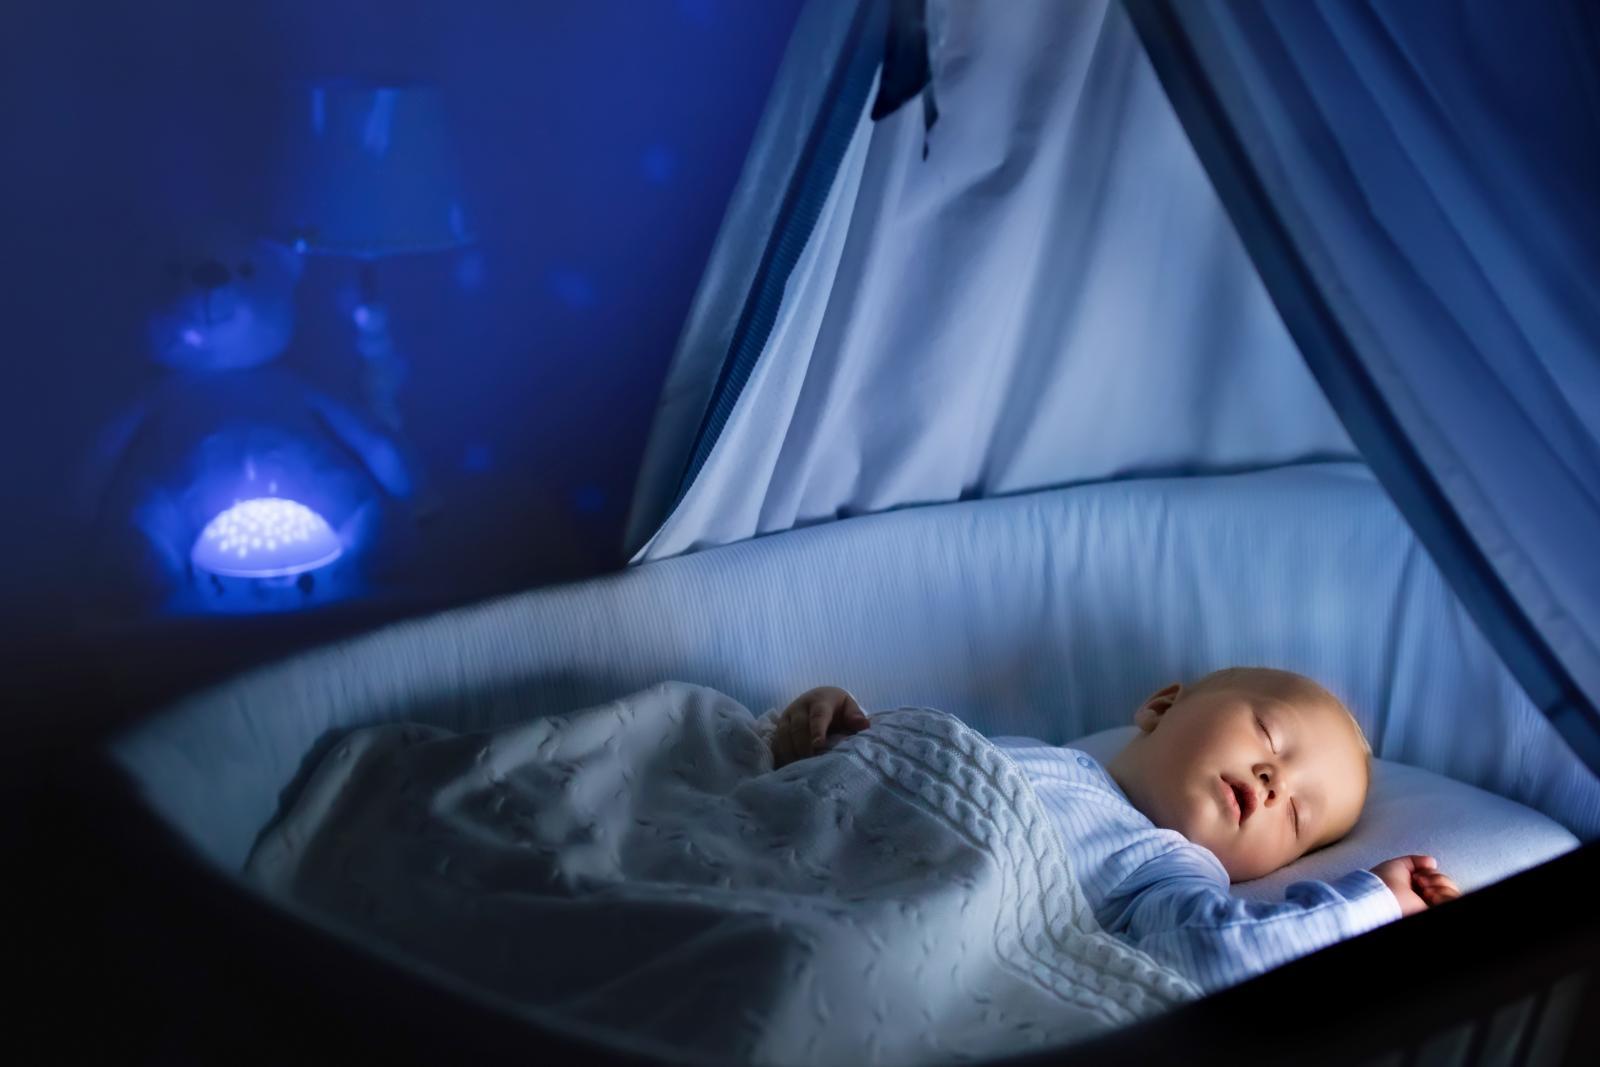 هنگام خرید چراغ خواب کودک چه نکاتی را باید رعایت کنیم؟